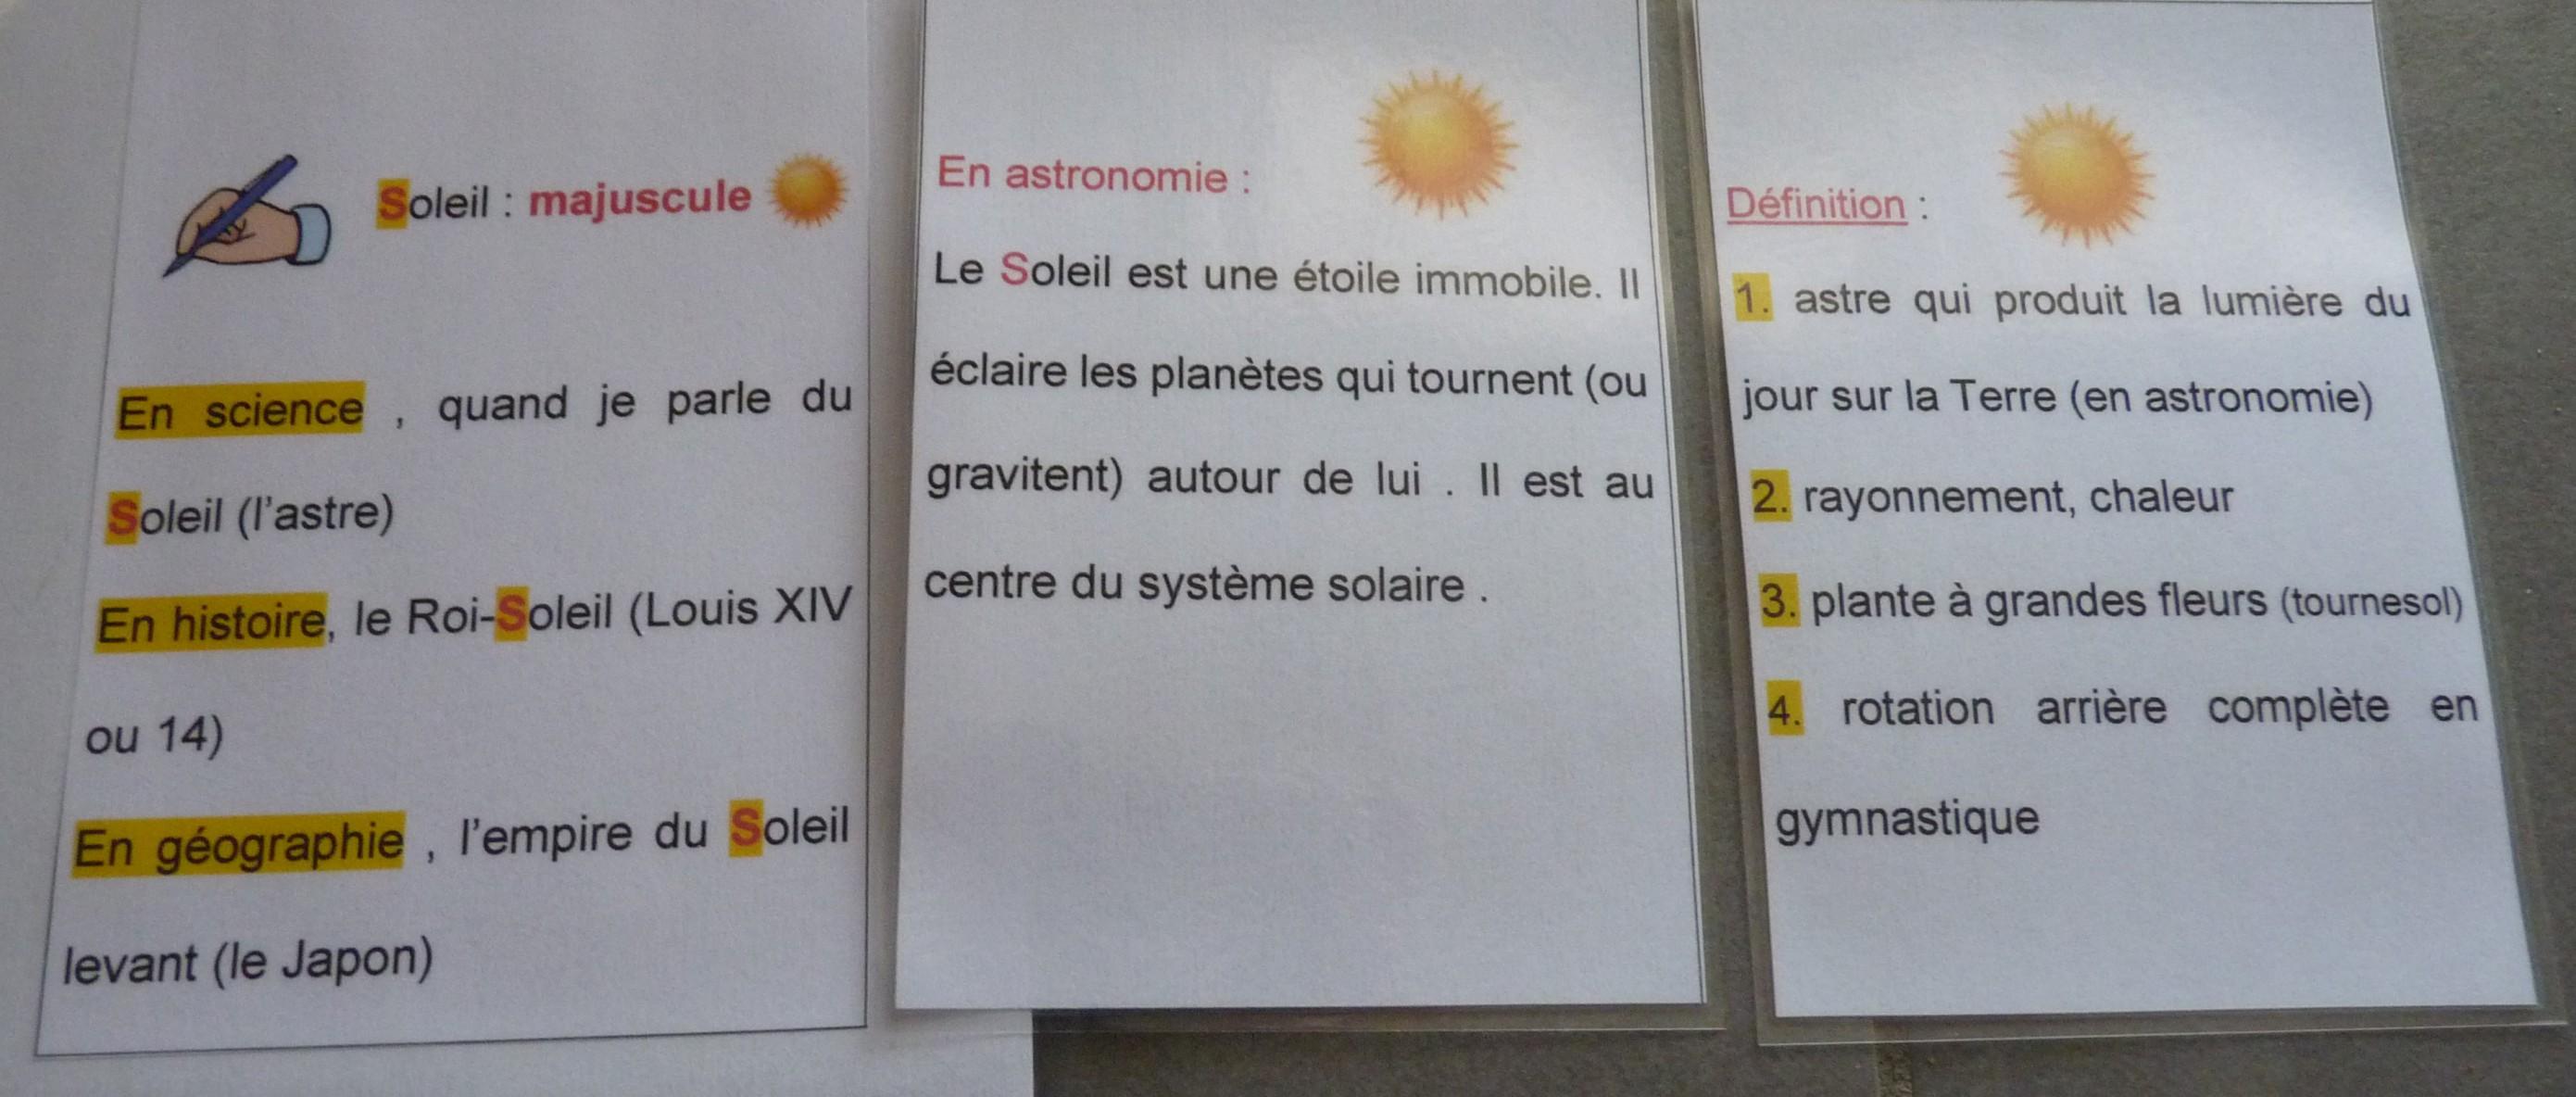 Du c t du vocabulaire comment faire pour augmenter un stock lexical et surtout pour y avoir - Que faire pour les coups de soleil ...